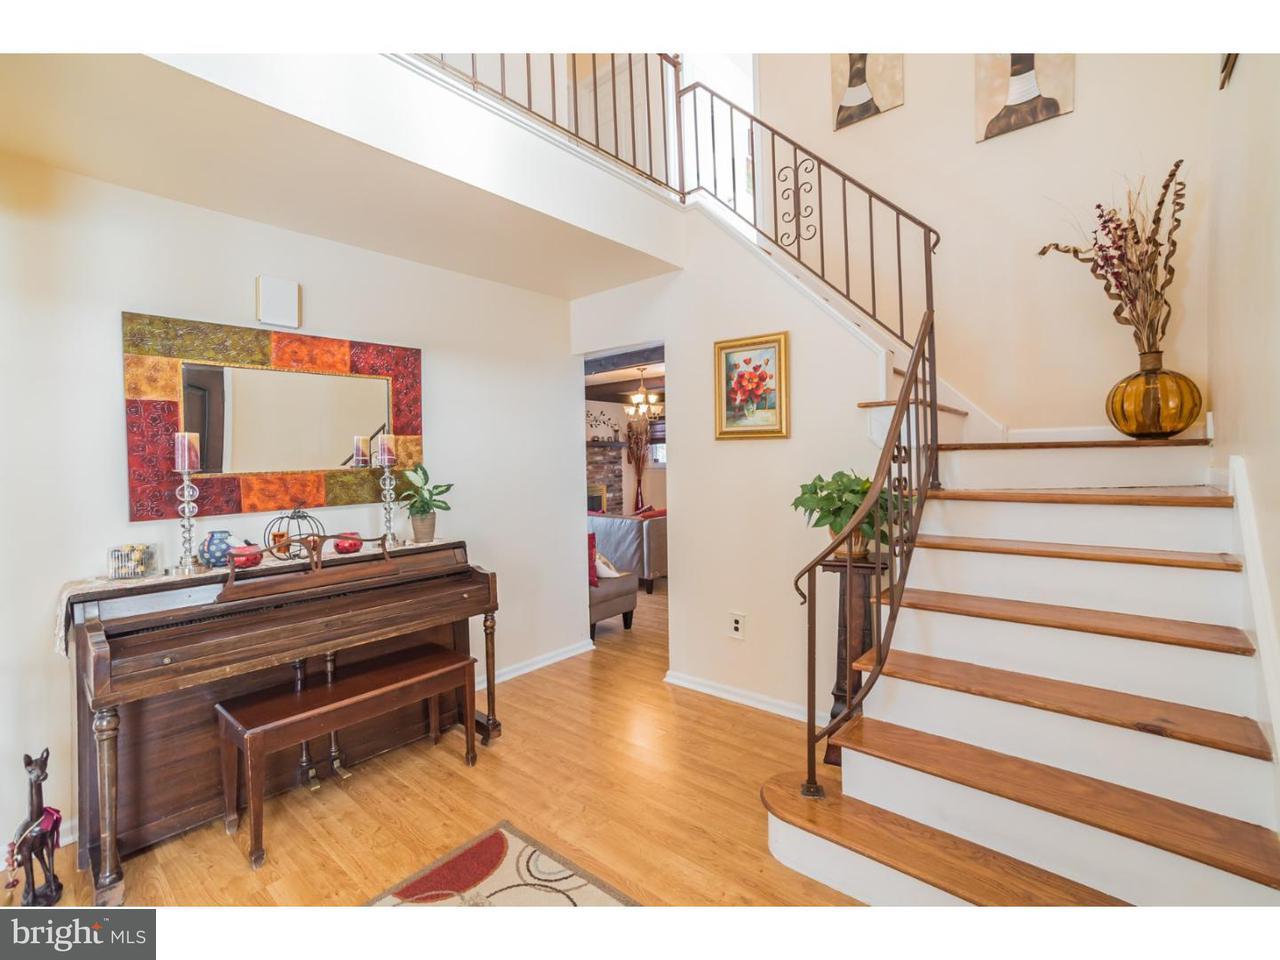 Частный односемейный дом для того Аренда на 2 HERITAGE VALLEY Drive Sewell, Нью-Джерси 08080 Соединенные Штаты